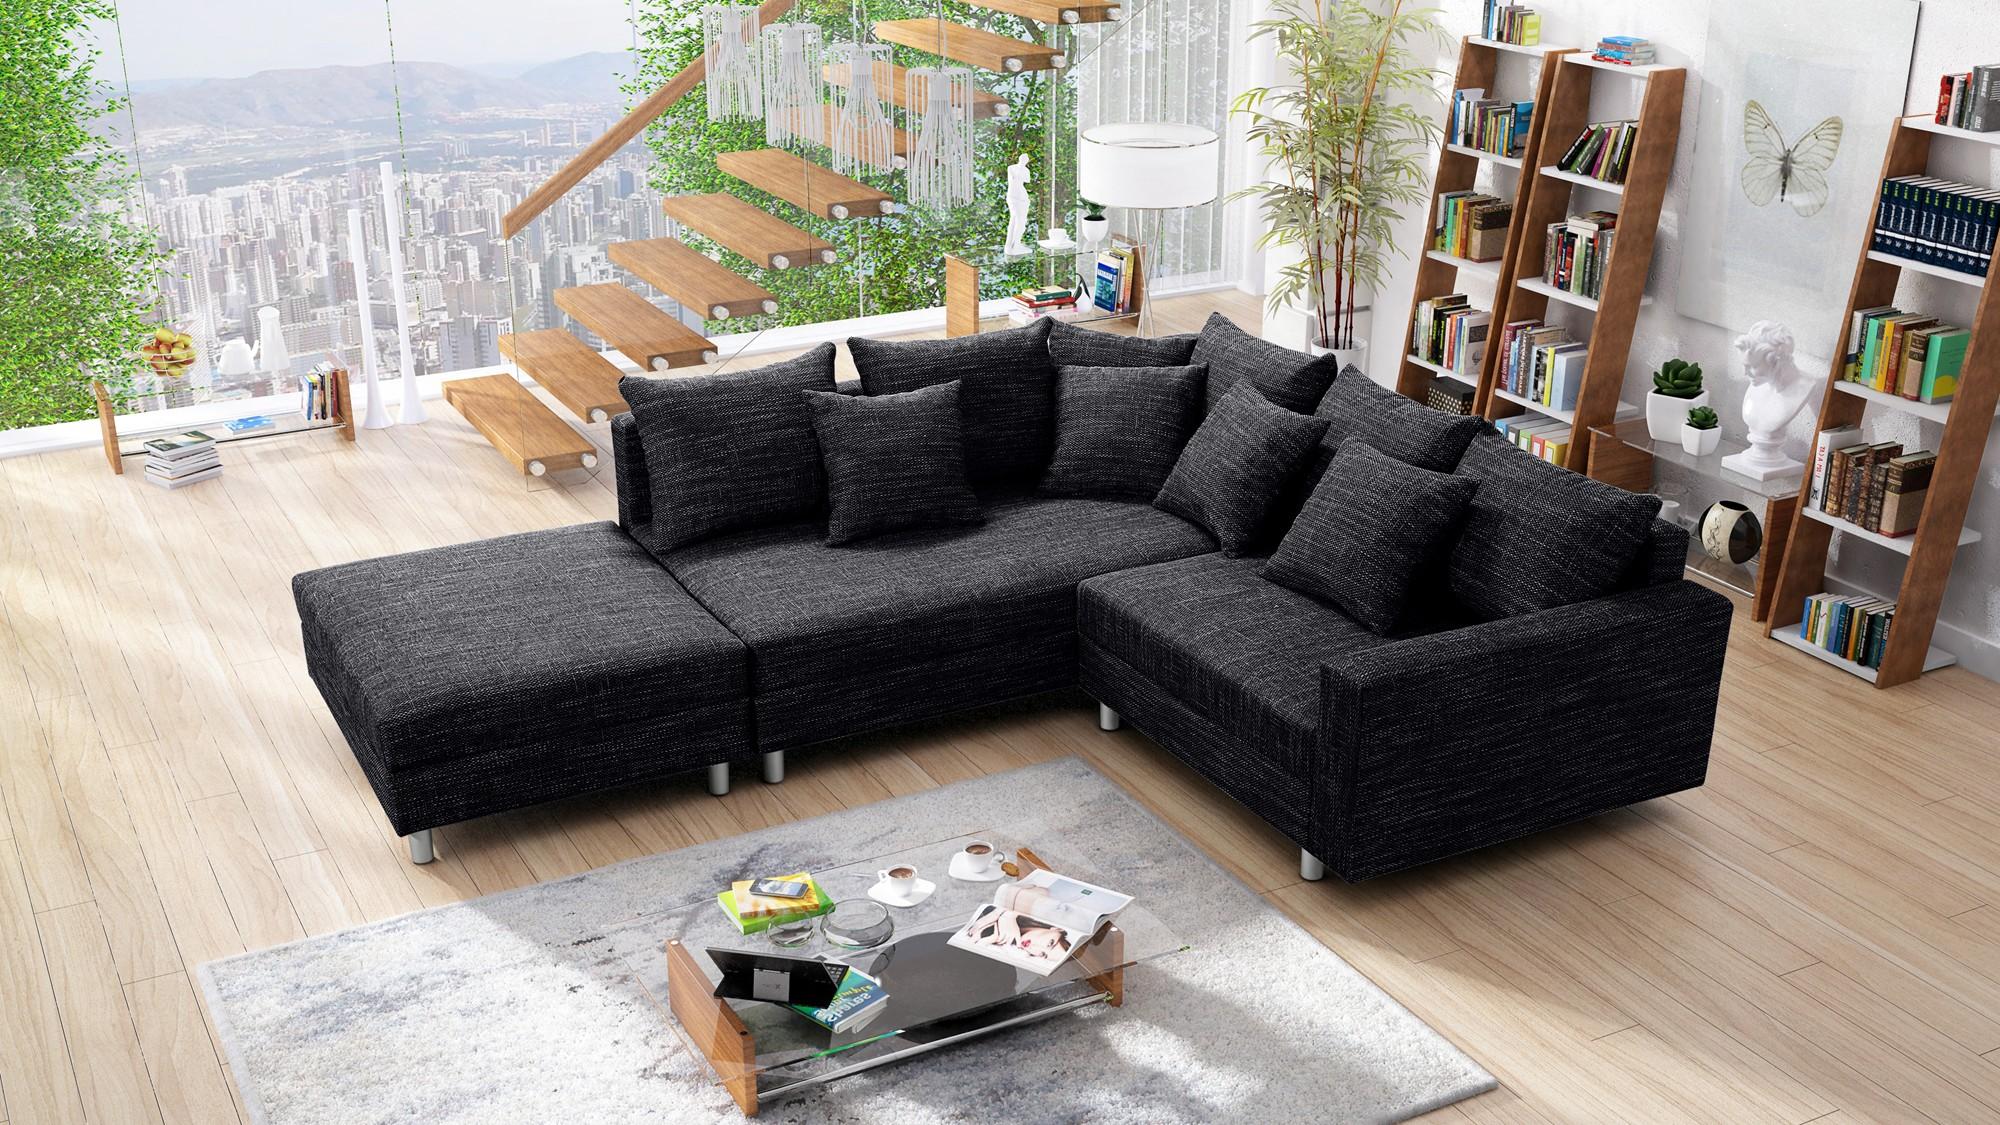 Full Size of Modernes Sofa Couch Ecksofa Eckcouch In Gewebestoff Schwarz Mit Liege Led Chesterfield Günstig Mondo U Form Xxl Kaufen Husse 3 Teilig Auf Raten Big Grau Sofa Modernes Sofa